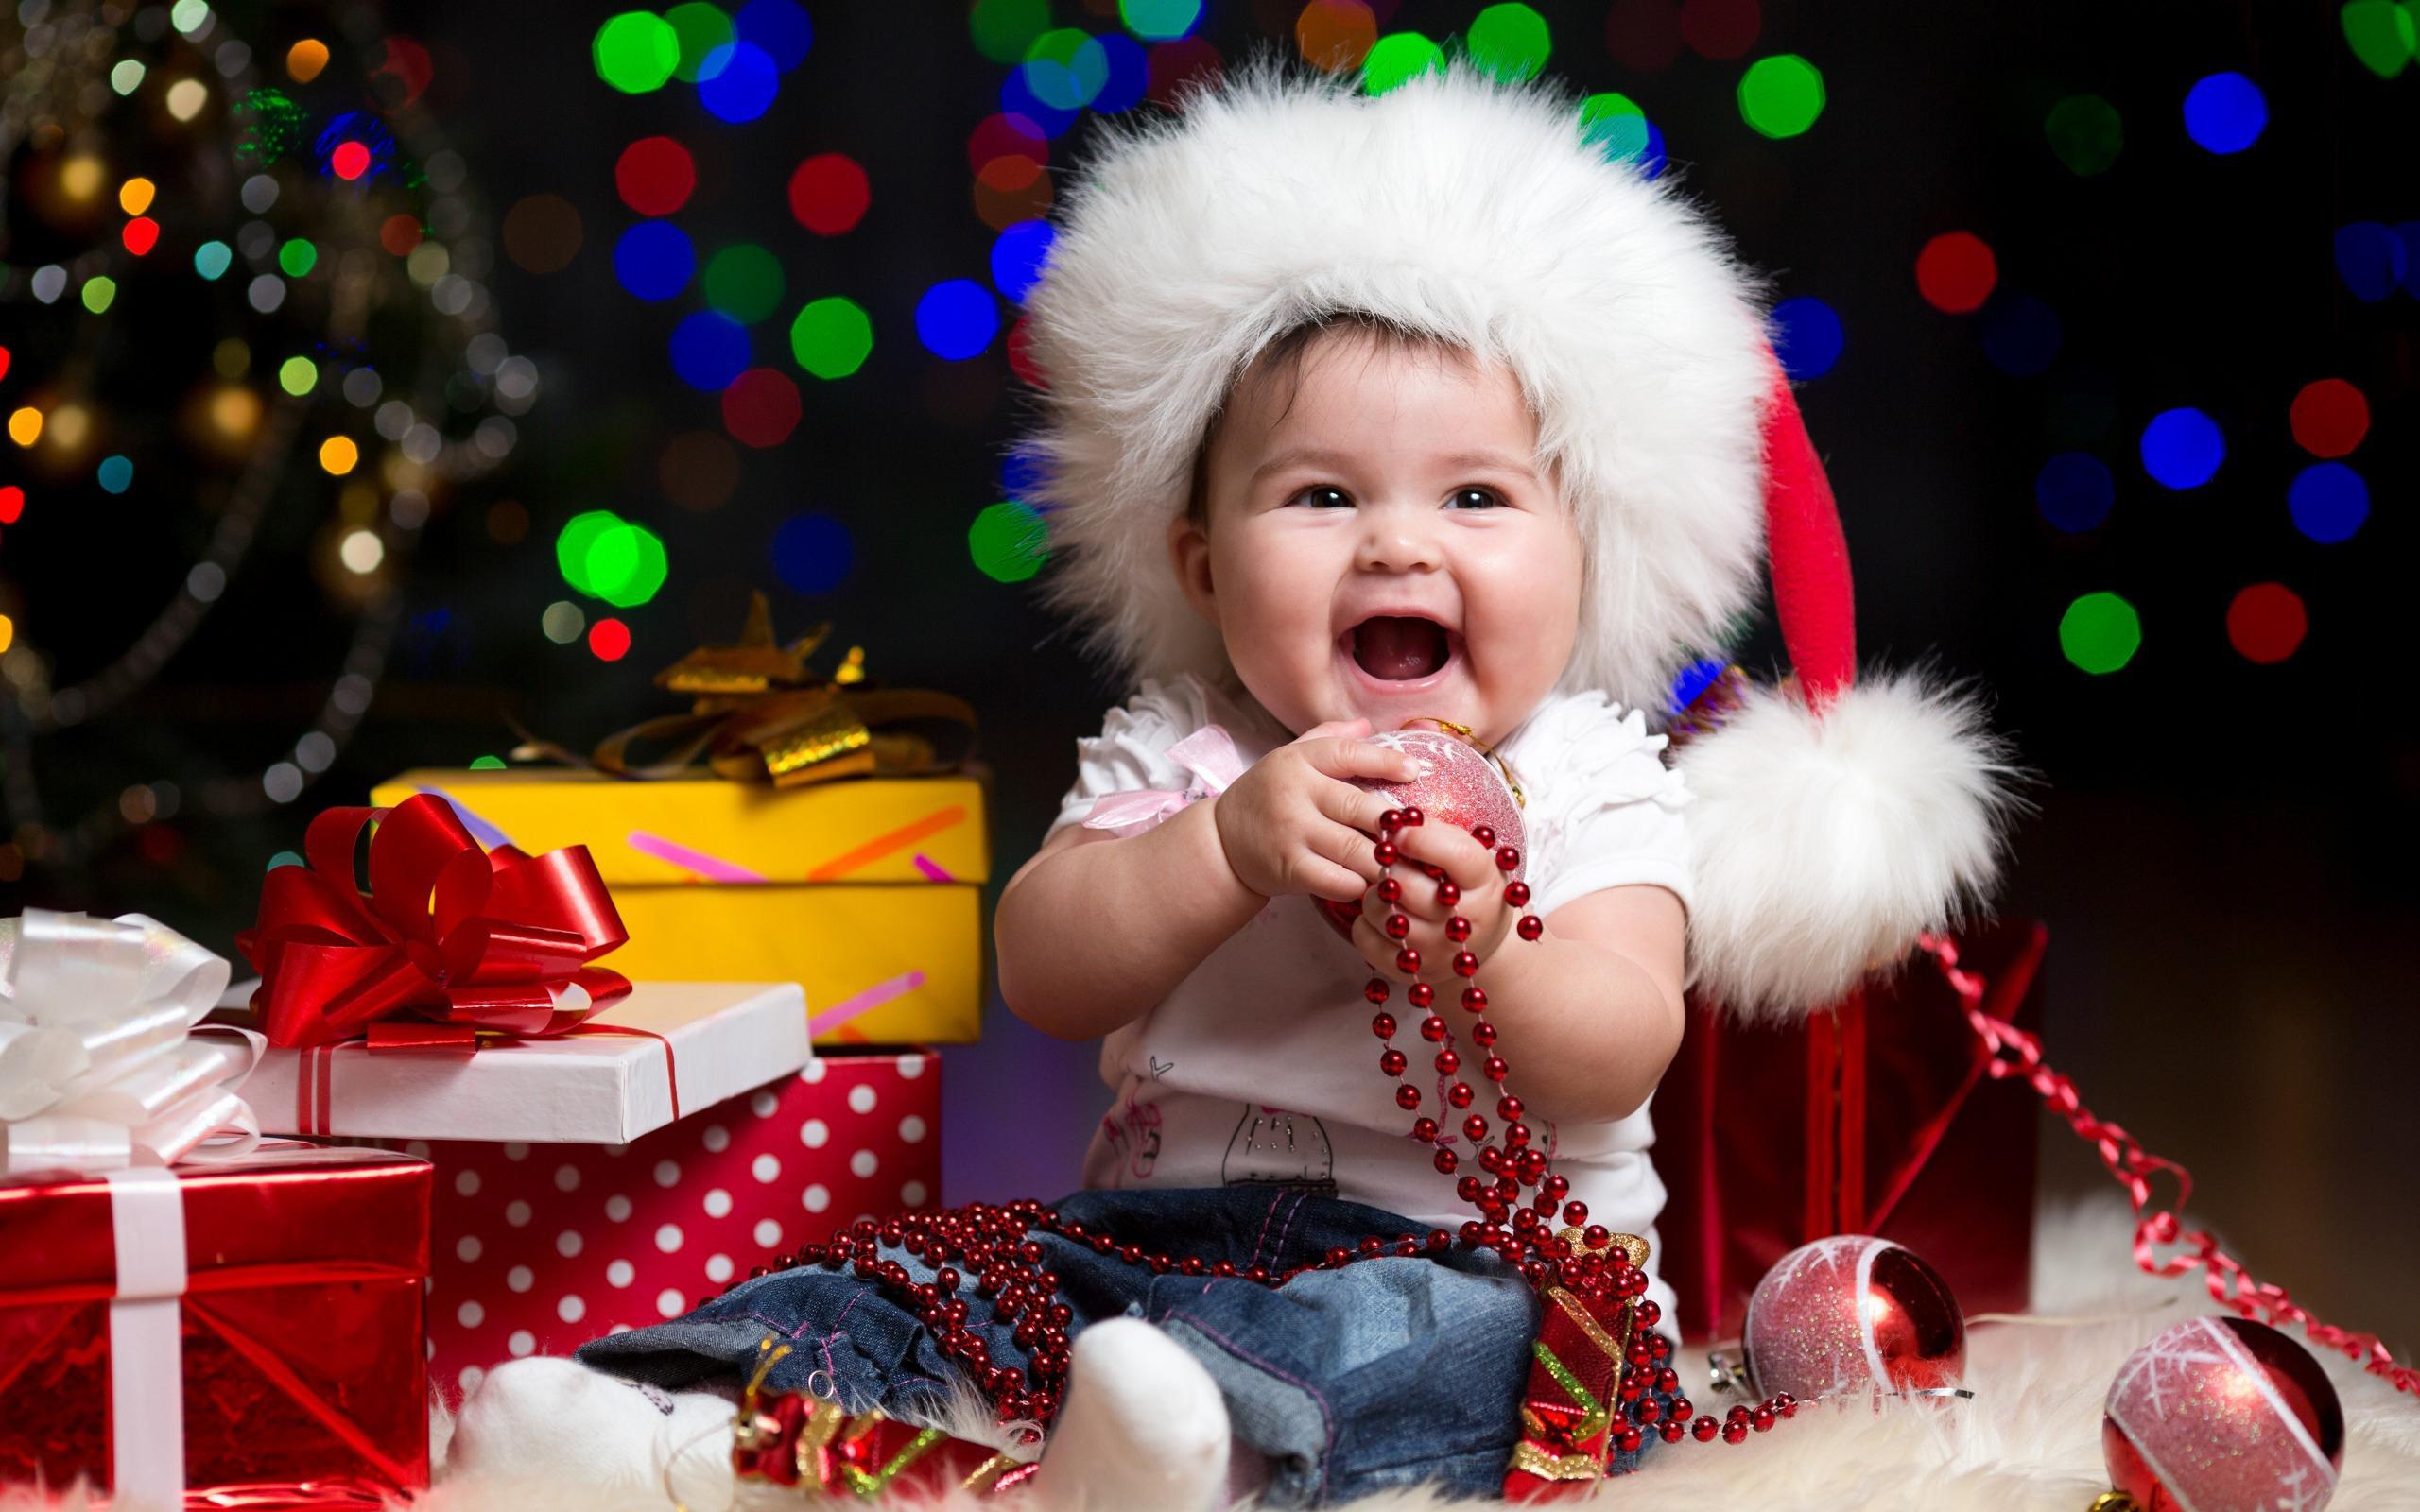 Як вдягаються на різдво фото 2 фотография